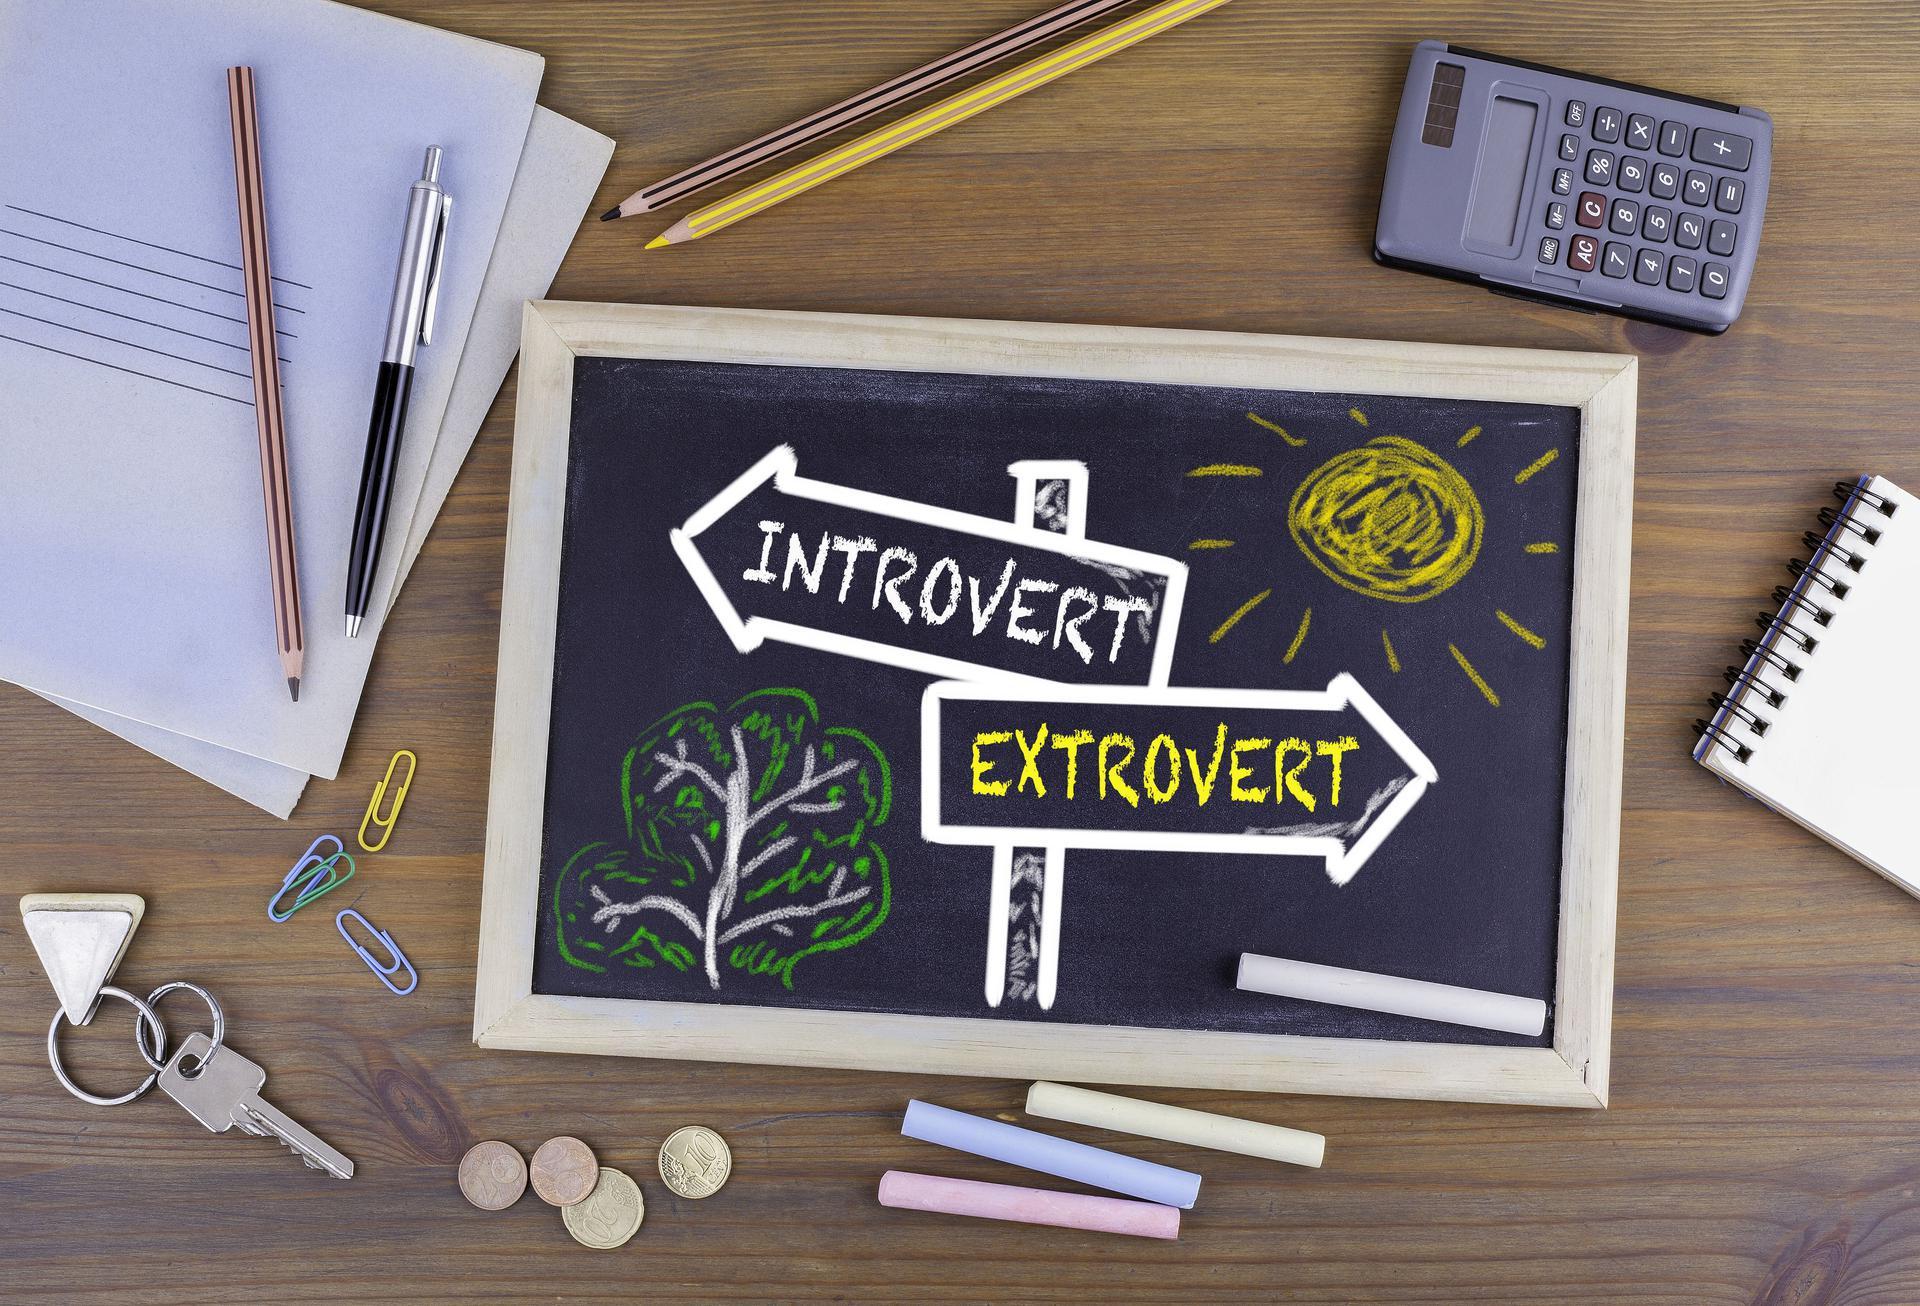 Wskazówki dla introwertyków ekstrawertyków